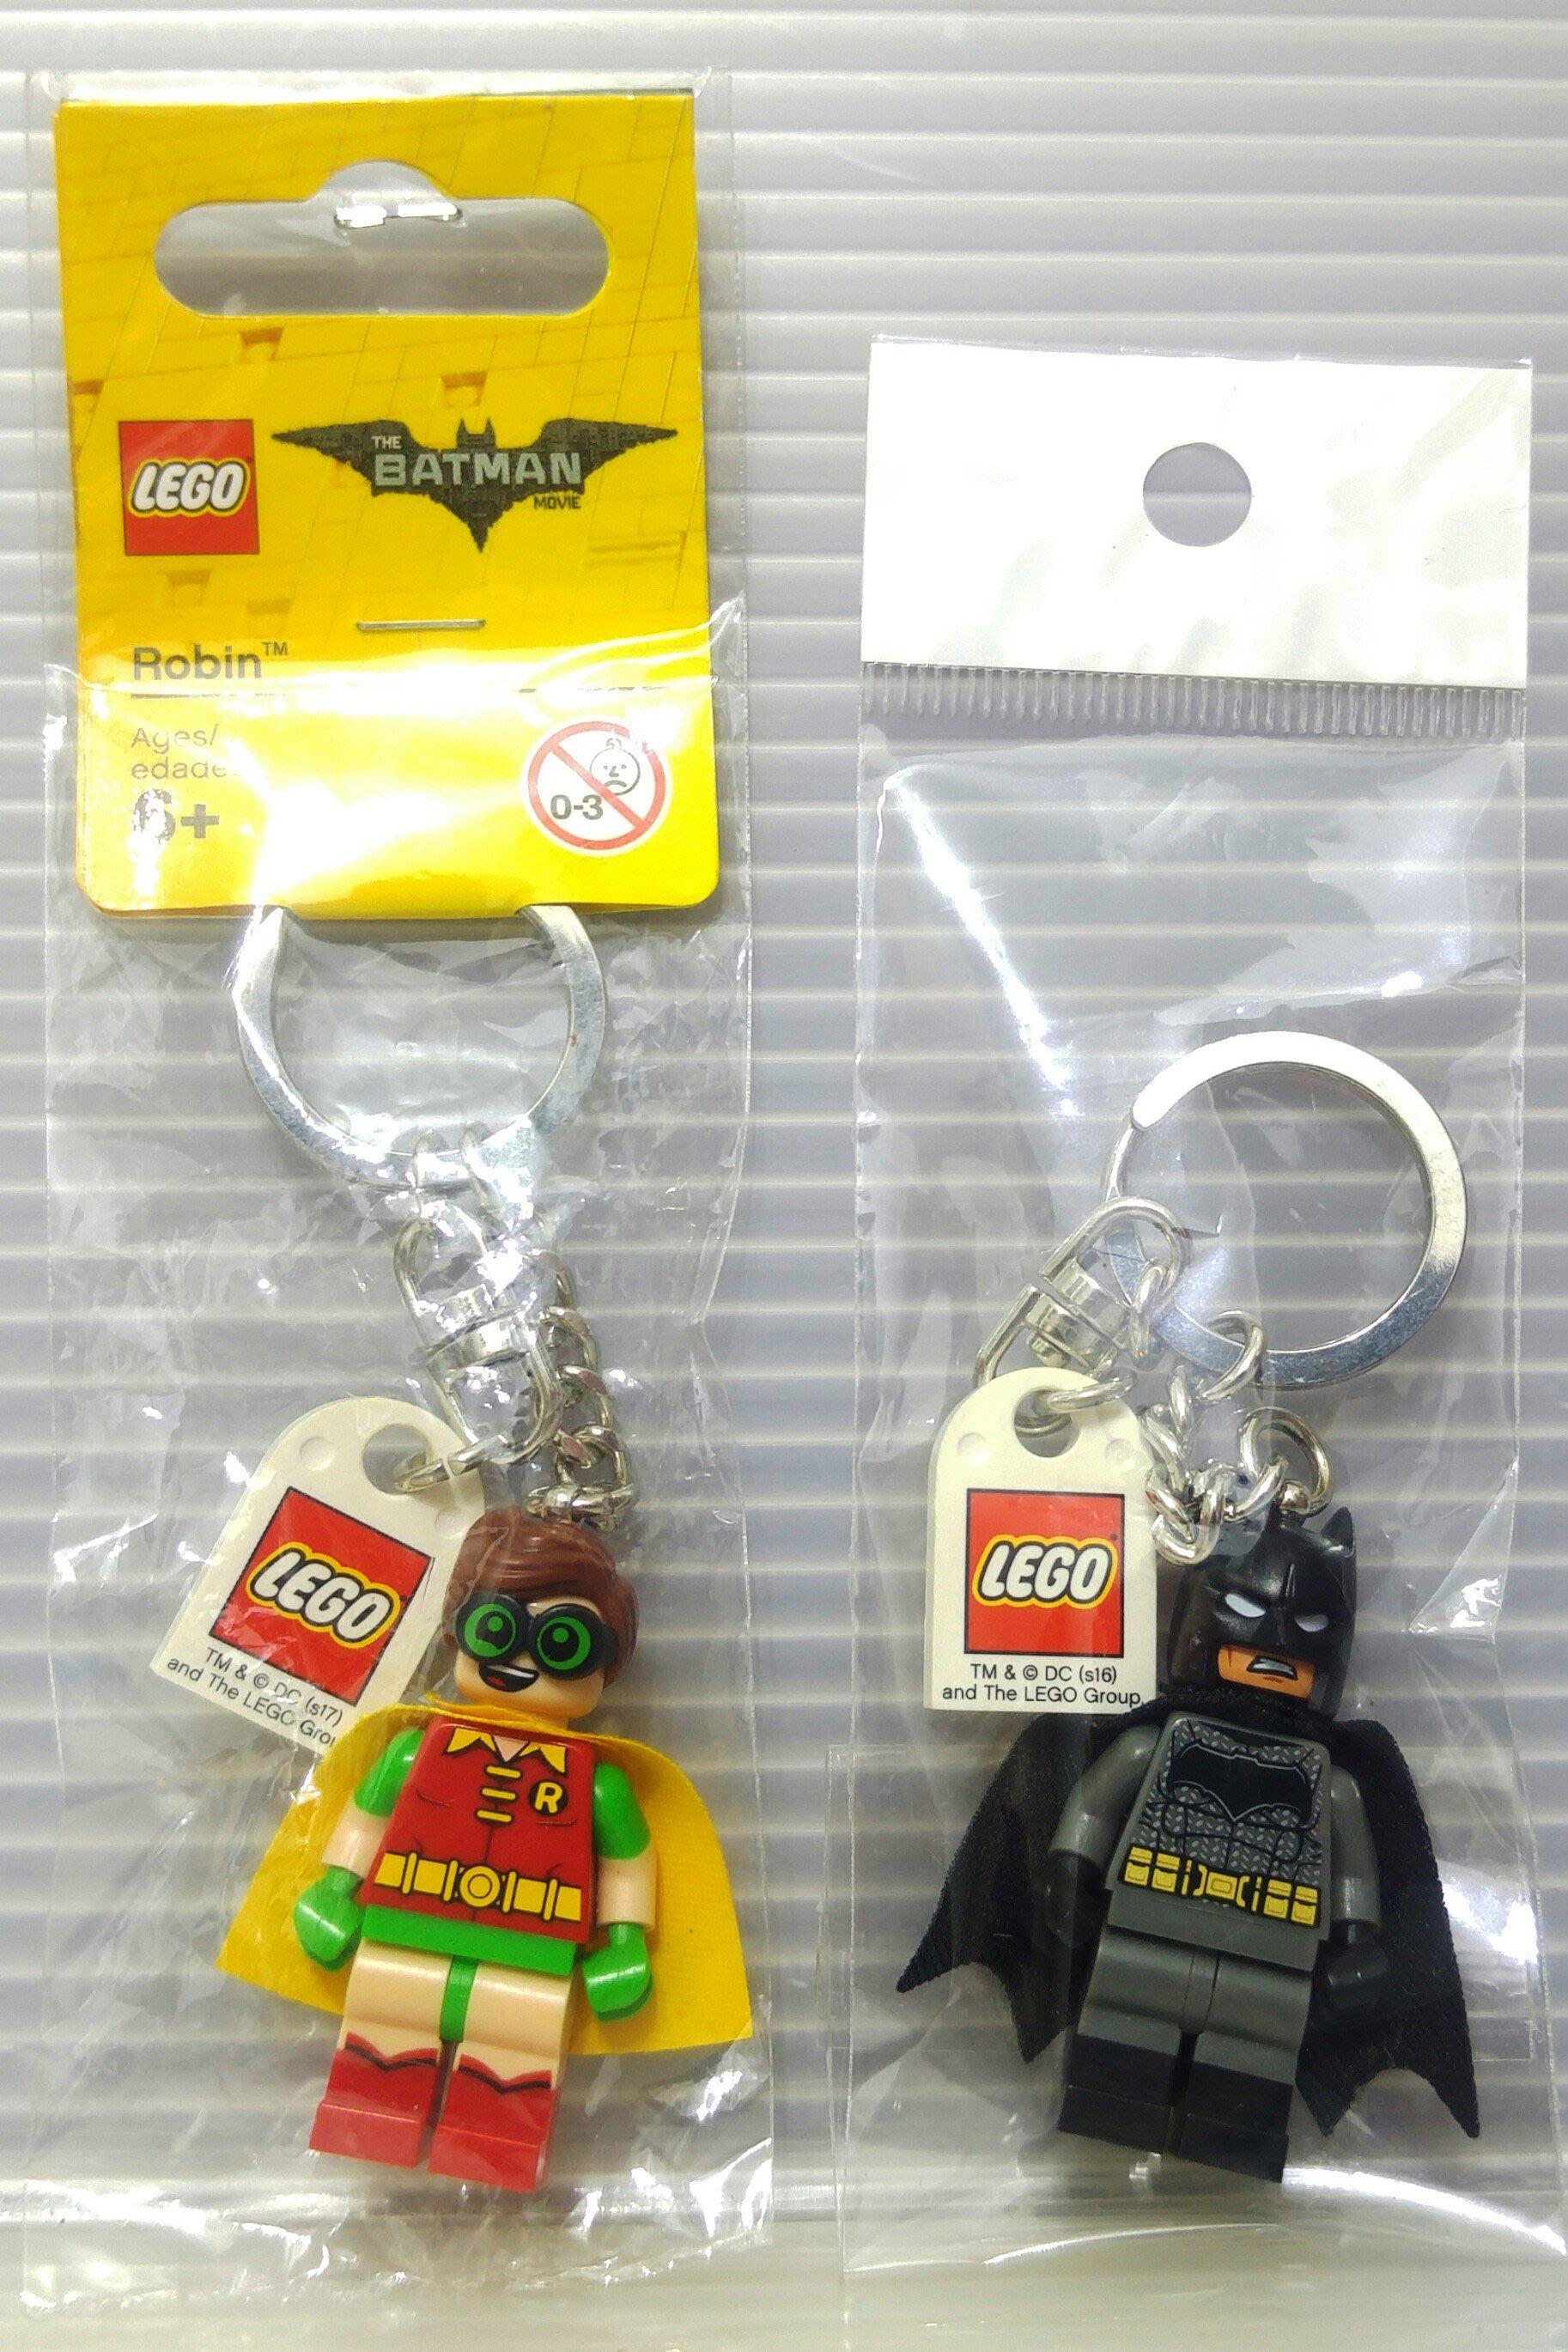 龍廬-自藏出清~鑰匙圈-LEGO樂高積木-DC超級英雄系列積木公仔鑰匙圈-黑暗騎士蝙蝠俠&羅賓二款一起賣不拆售